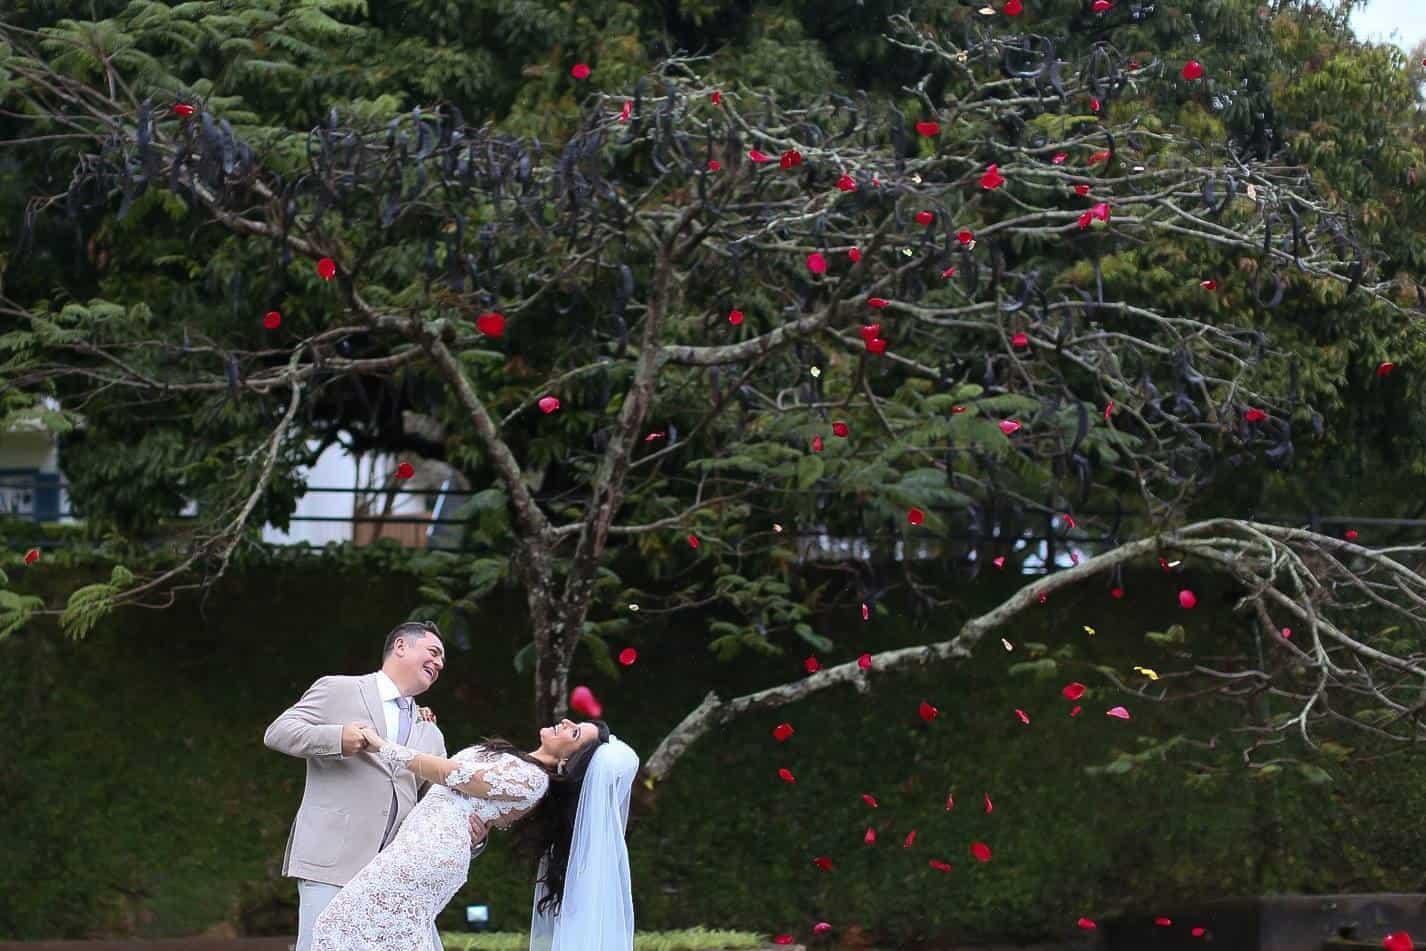 casamento-ariane-e-antonio-carlos-caseme-foto-silvia-penati-49